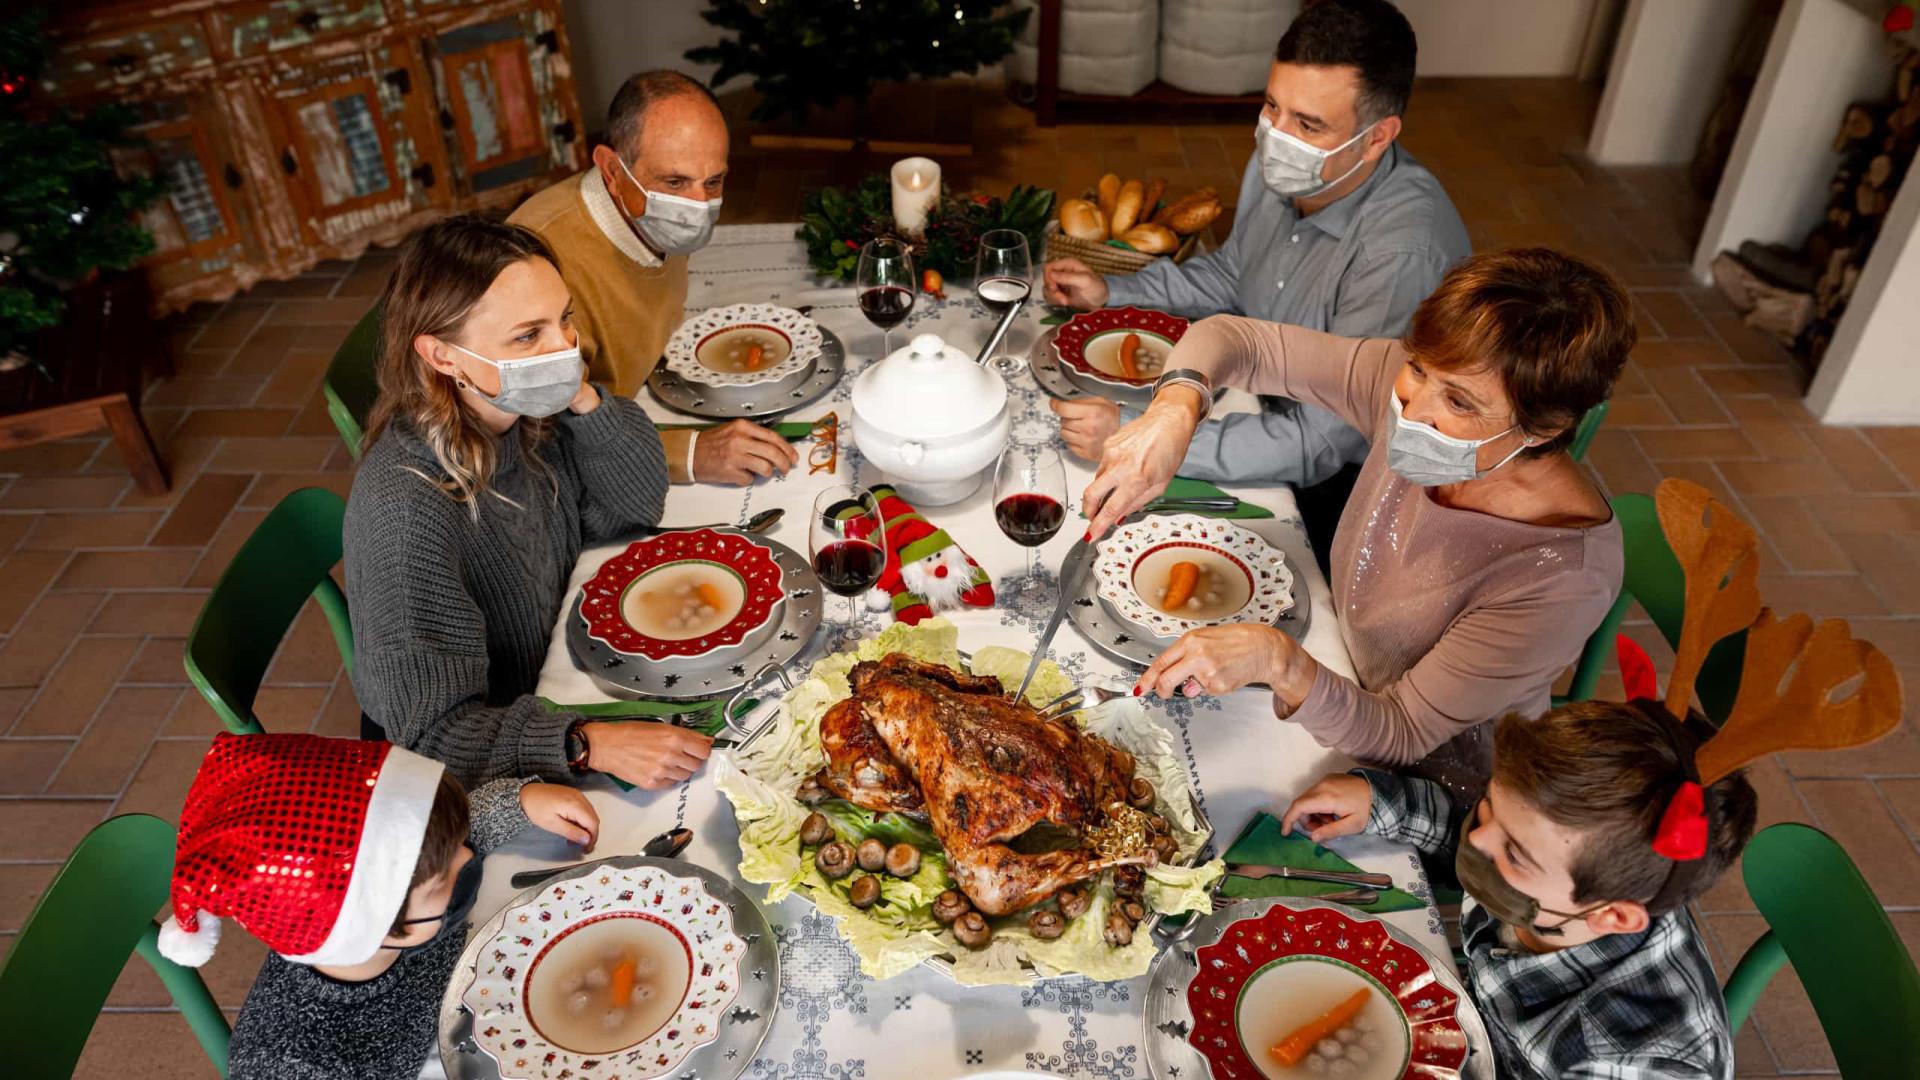 Sem sintomas ou testou negativo: É seguro visitar a família no Natal?